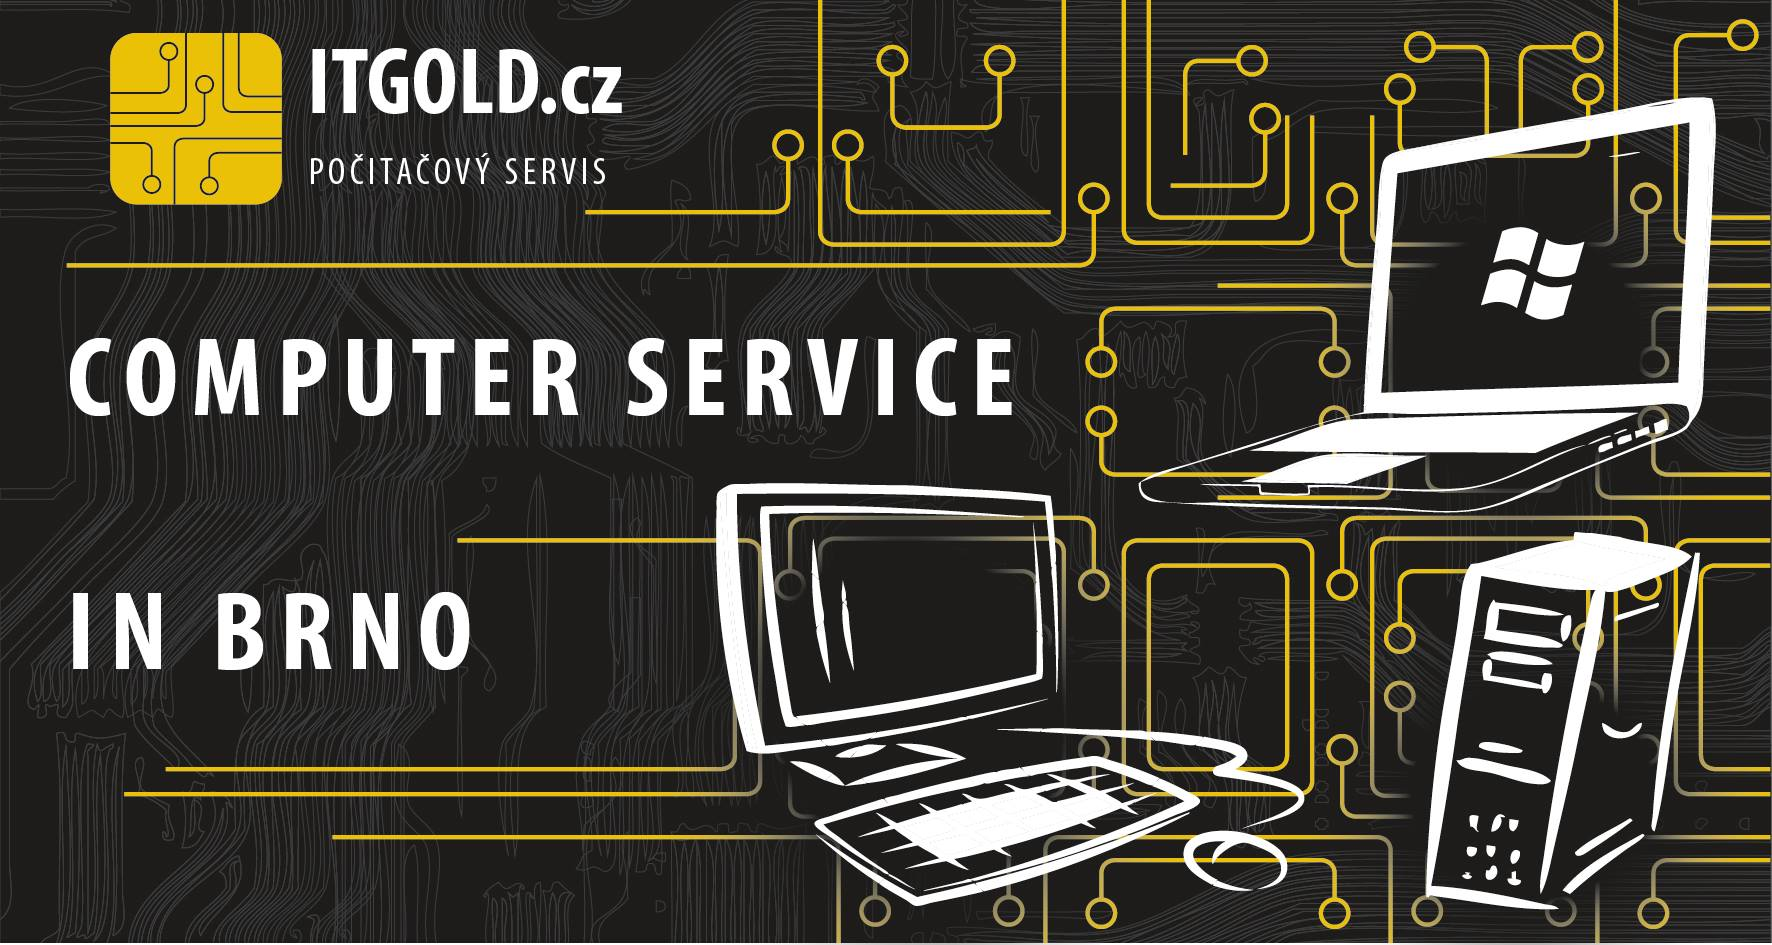 Компьютерный сервис в БРНО